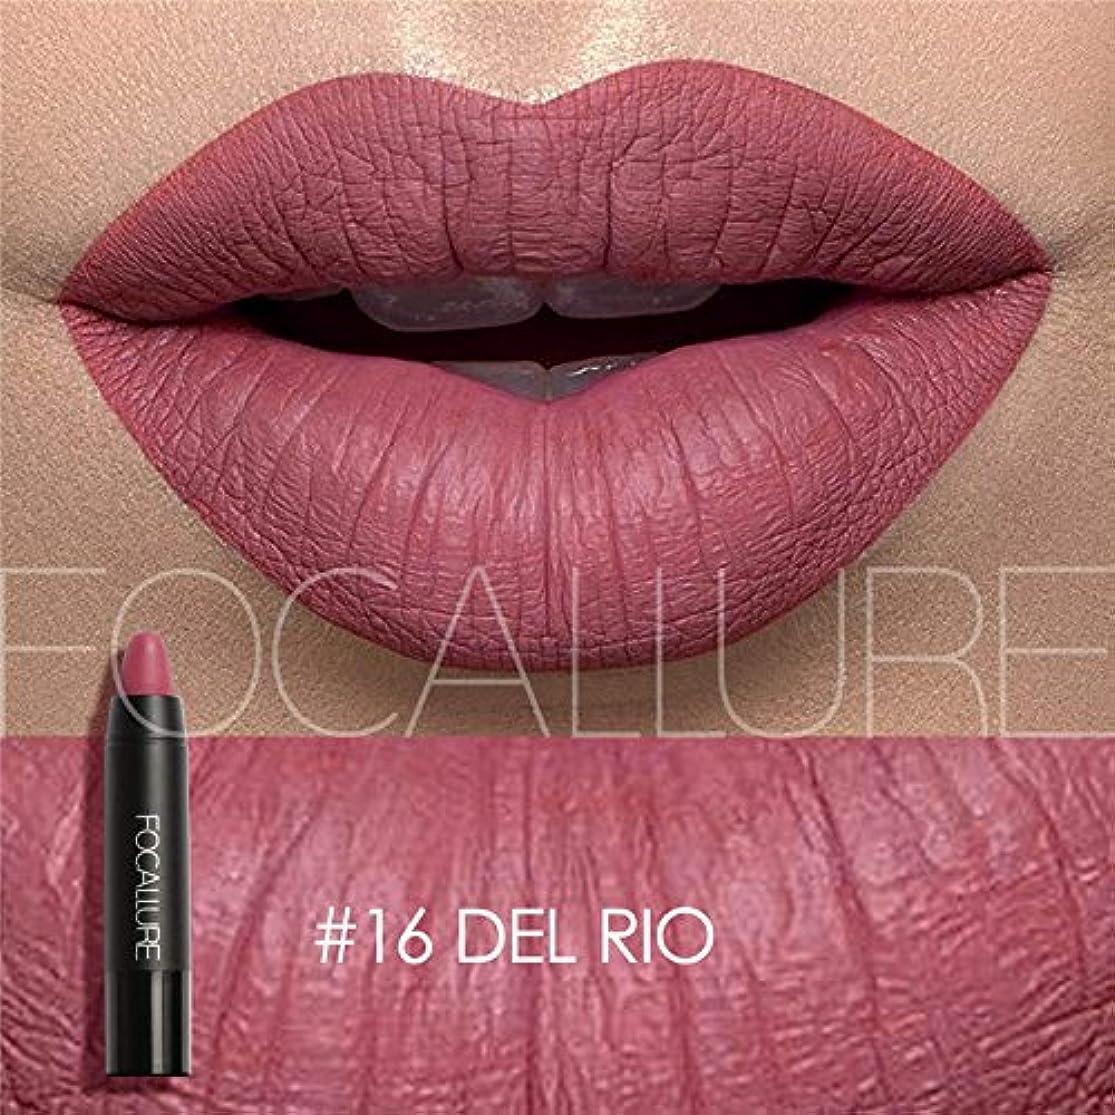 クリーク今日シャーロットブロンテGederq - 女性のファッション唇のメイクアップ色のリップスティックハイグロスリップカラーリップクレヨンリップティント12色のオプション [16]